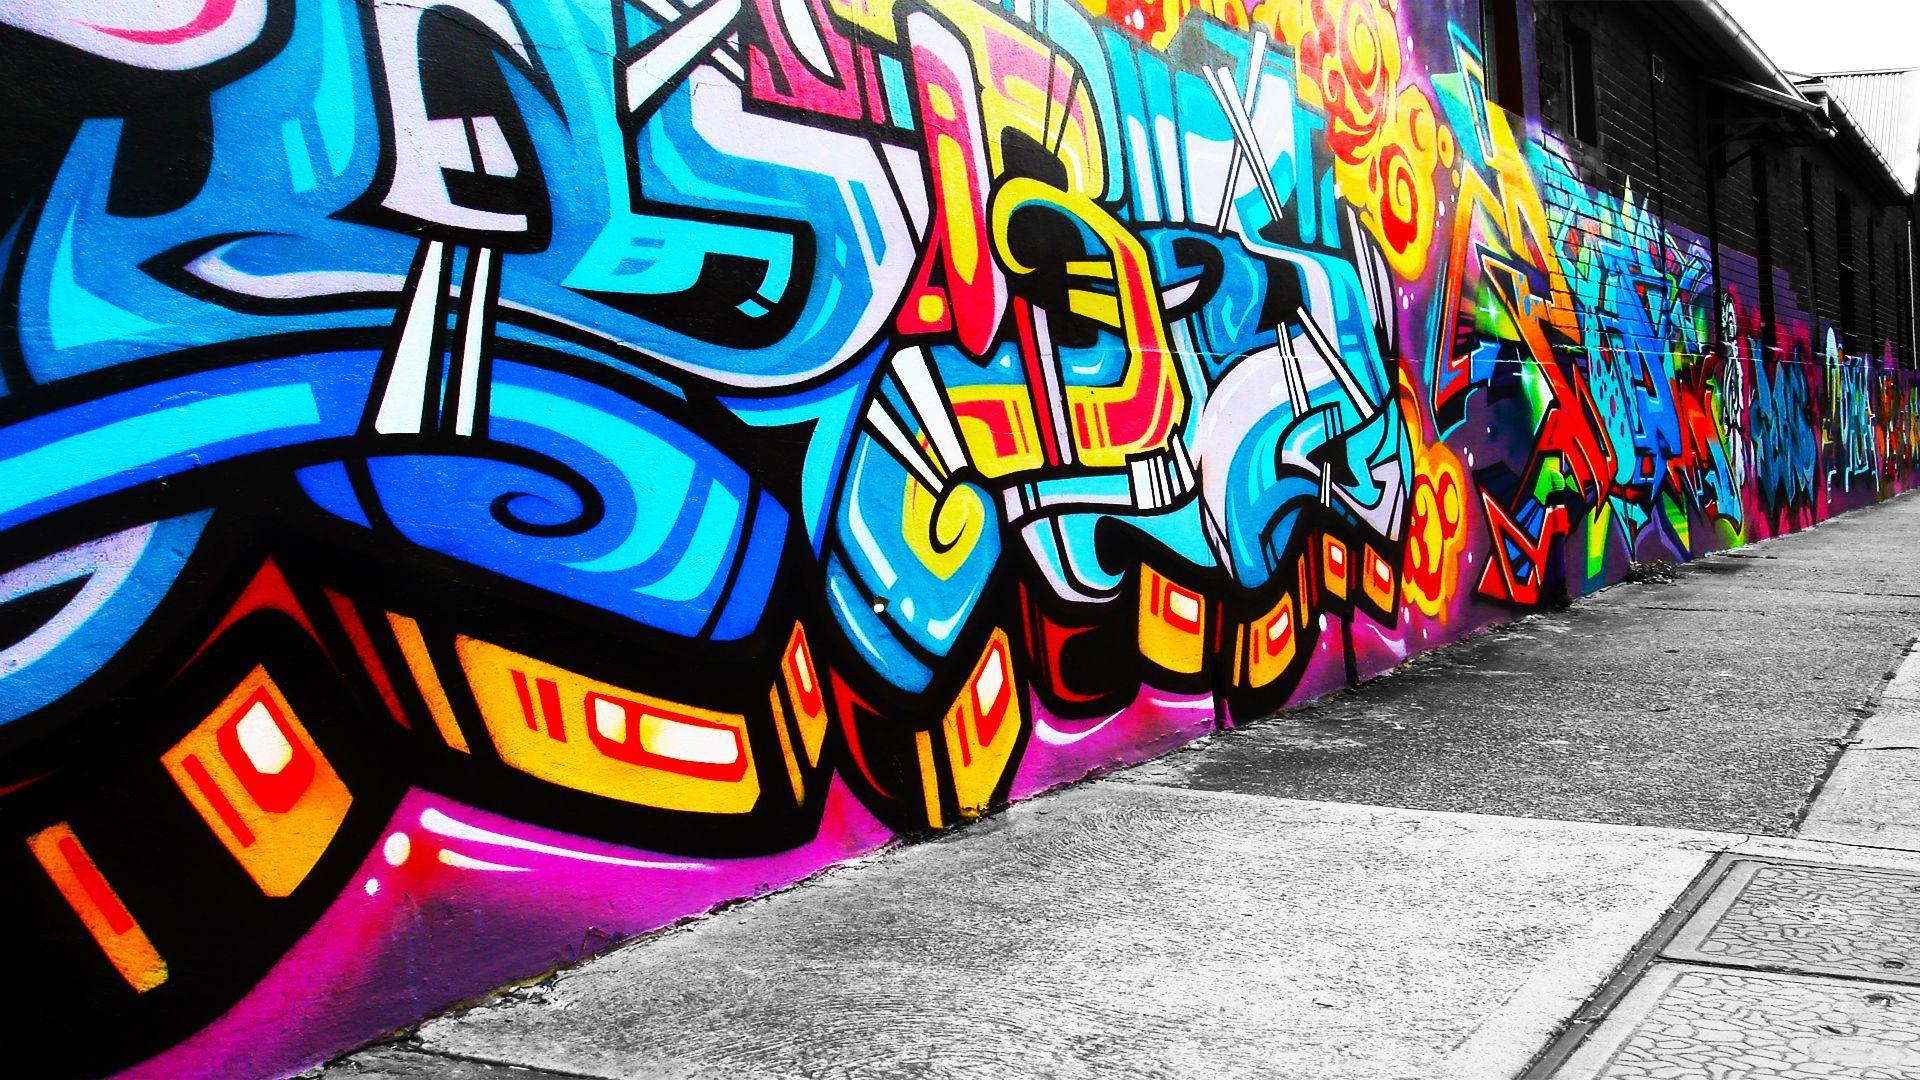 1920x1080 Gangster Graffiti Hình nền Điêu khắc Sơn màu.  Nghệ thuật đô thị